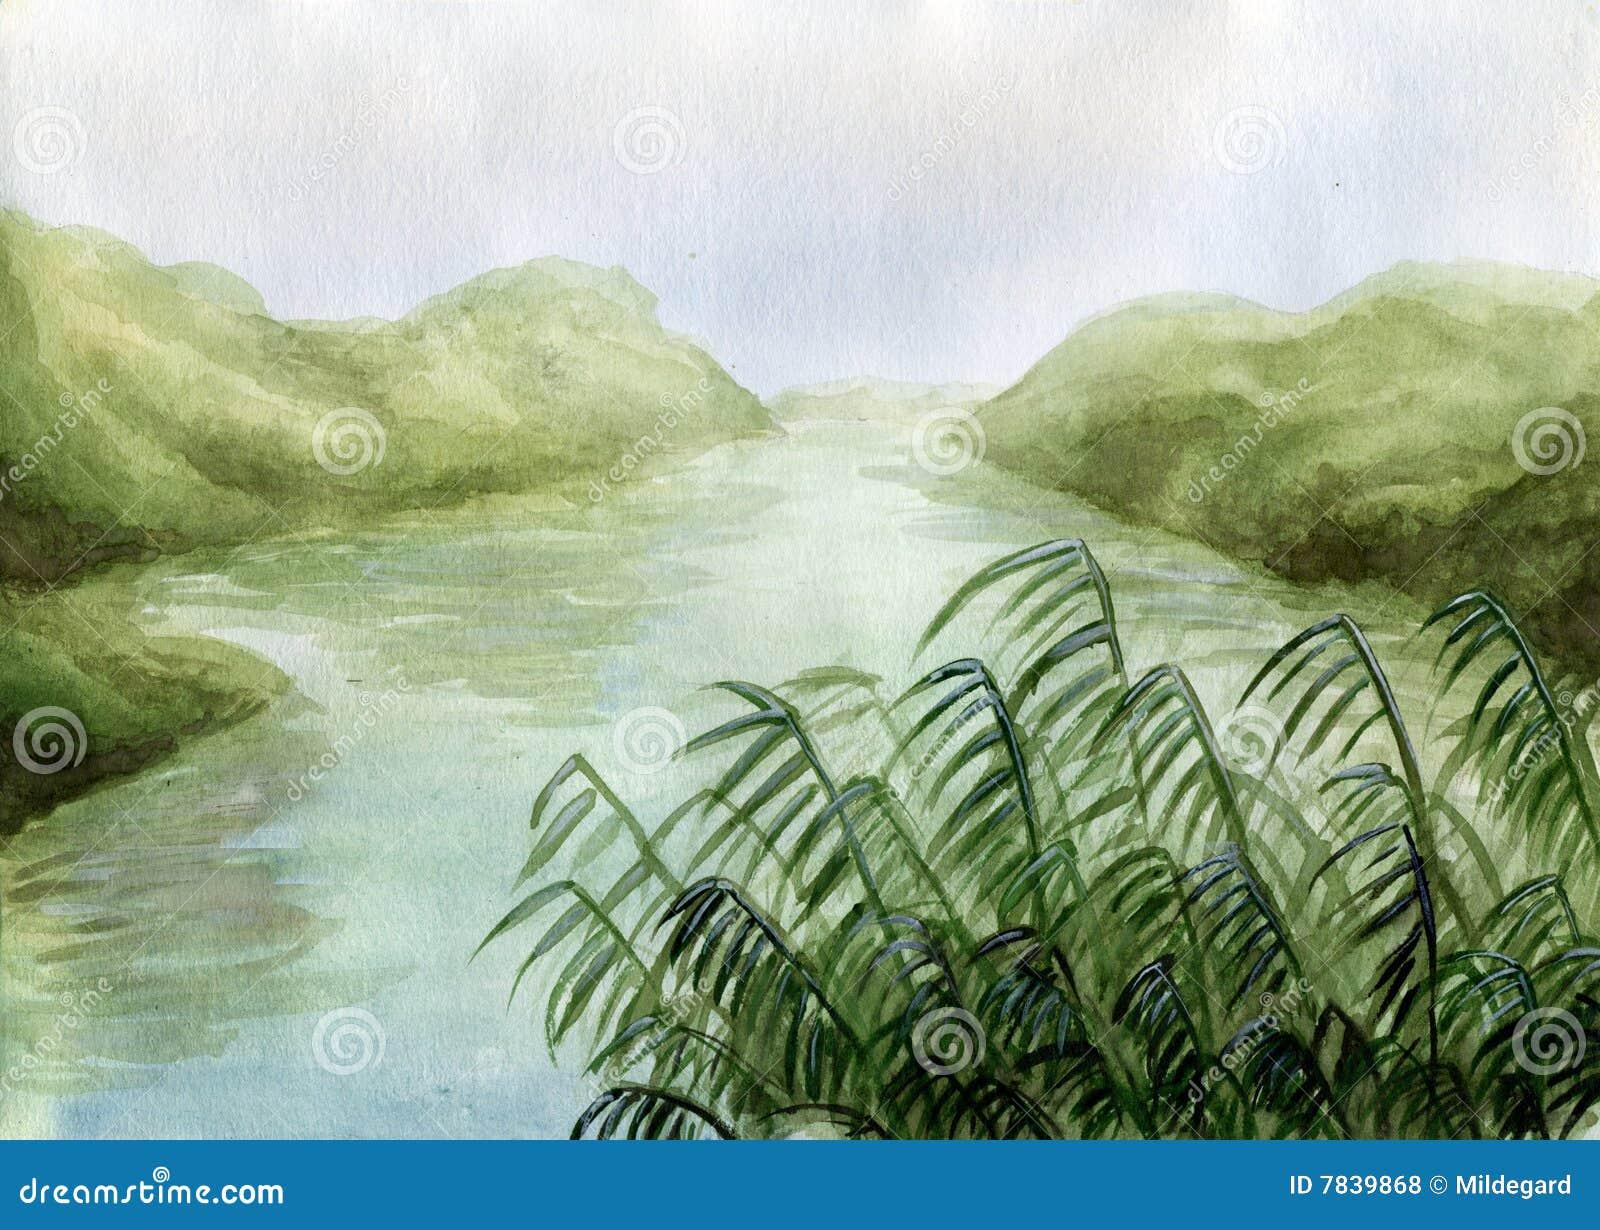 Swamp land - watercolor